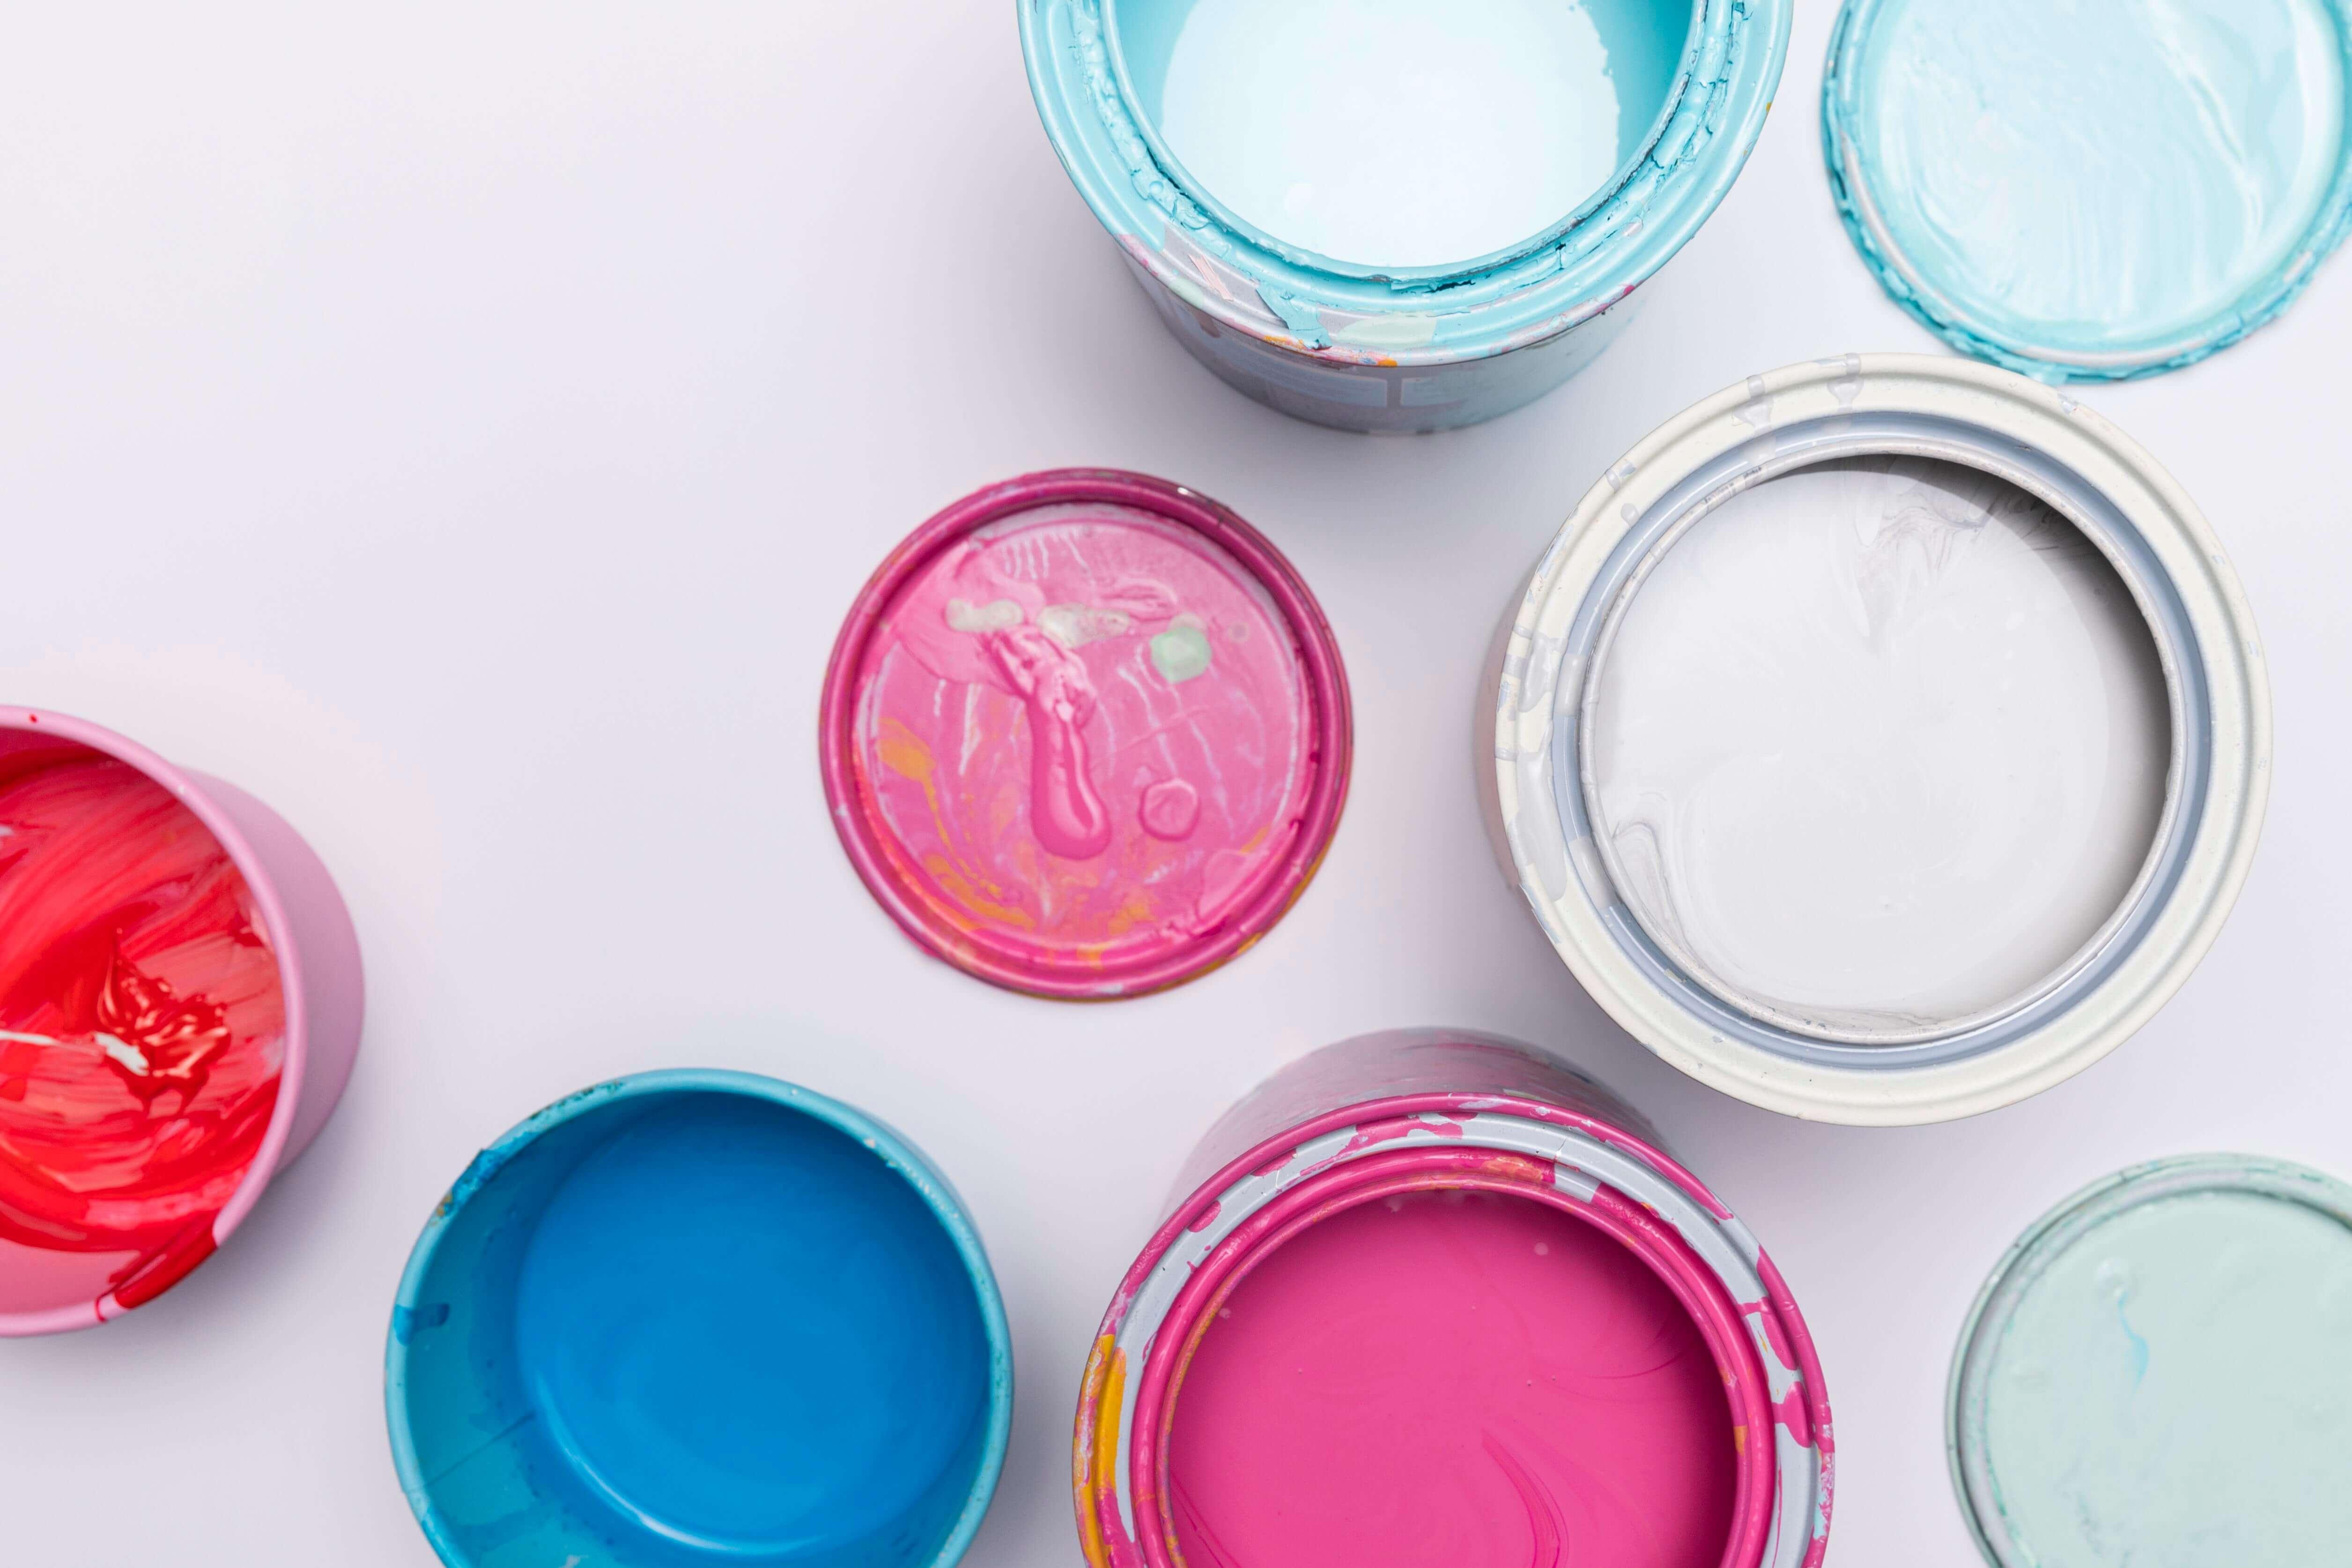 proceso de fabricación de pinturas